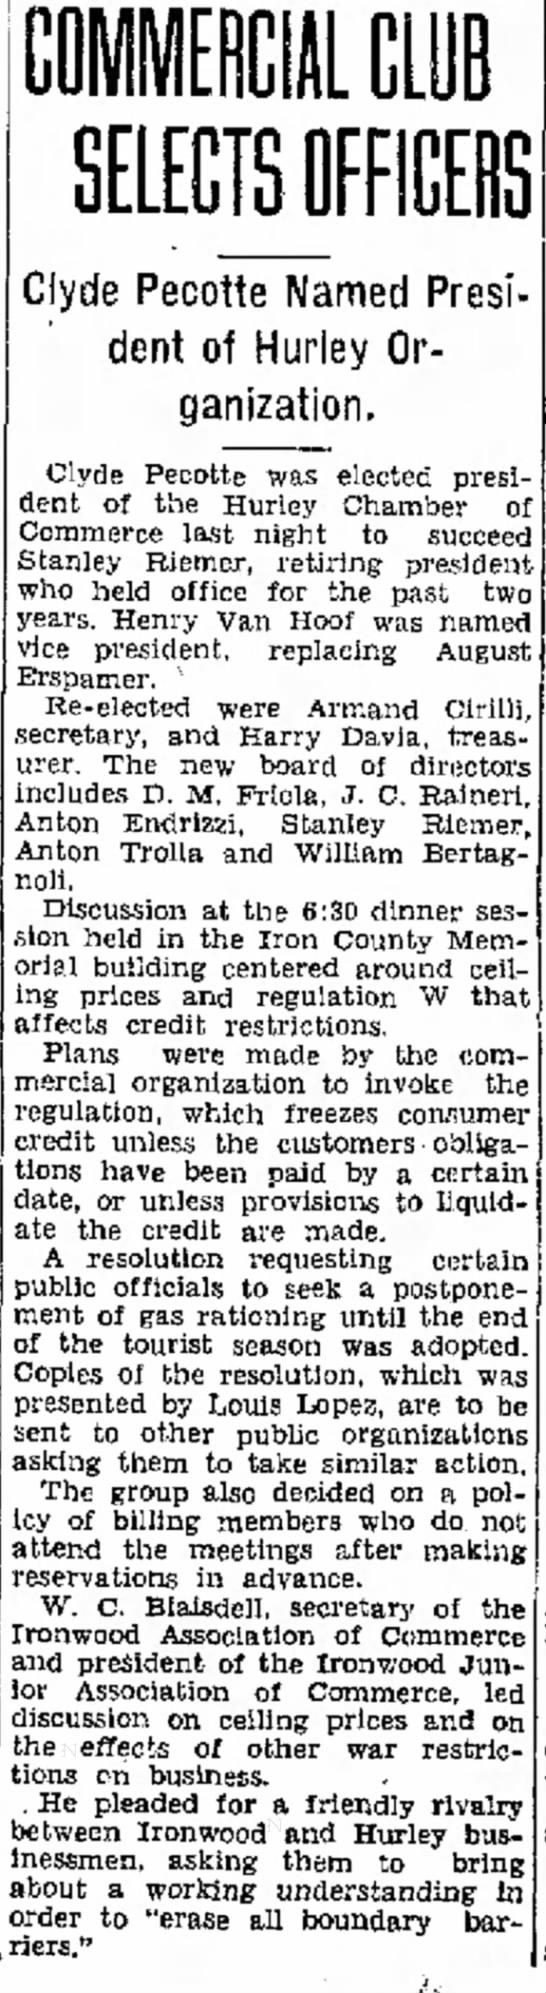 Ironwood Daily Globe, Jun 5, 1942, page 1 -